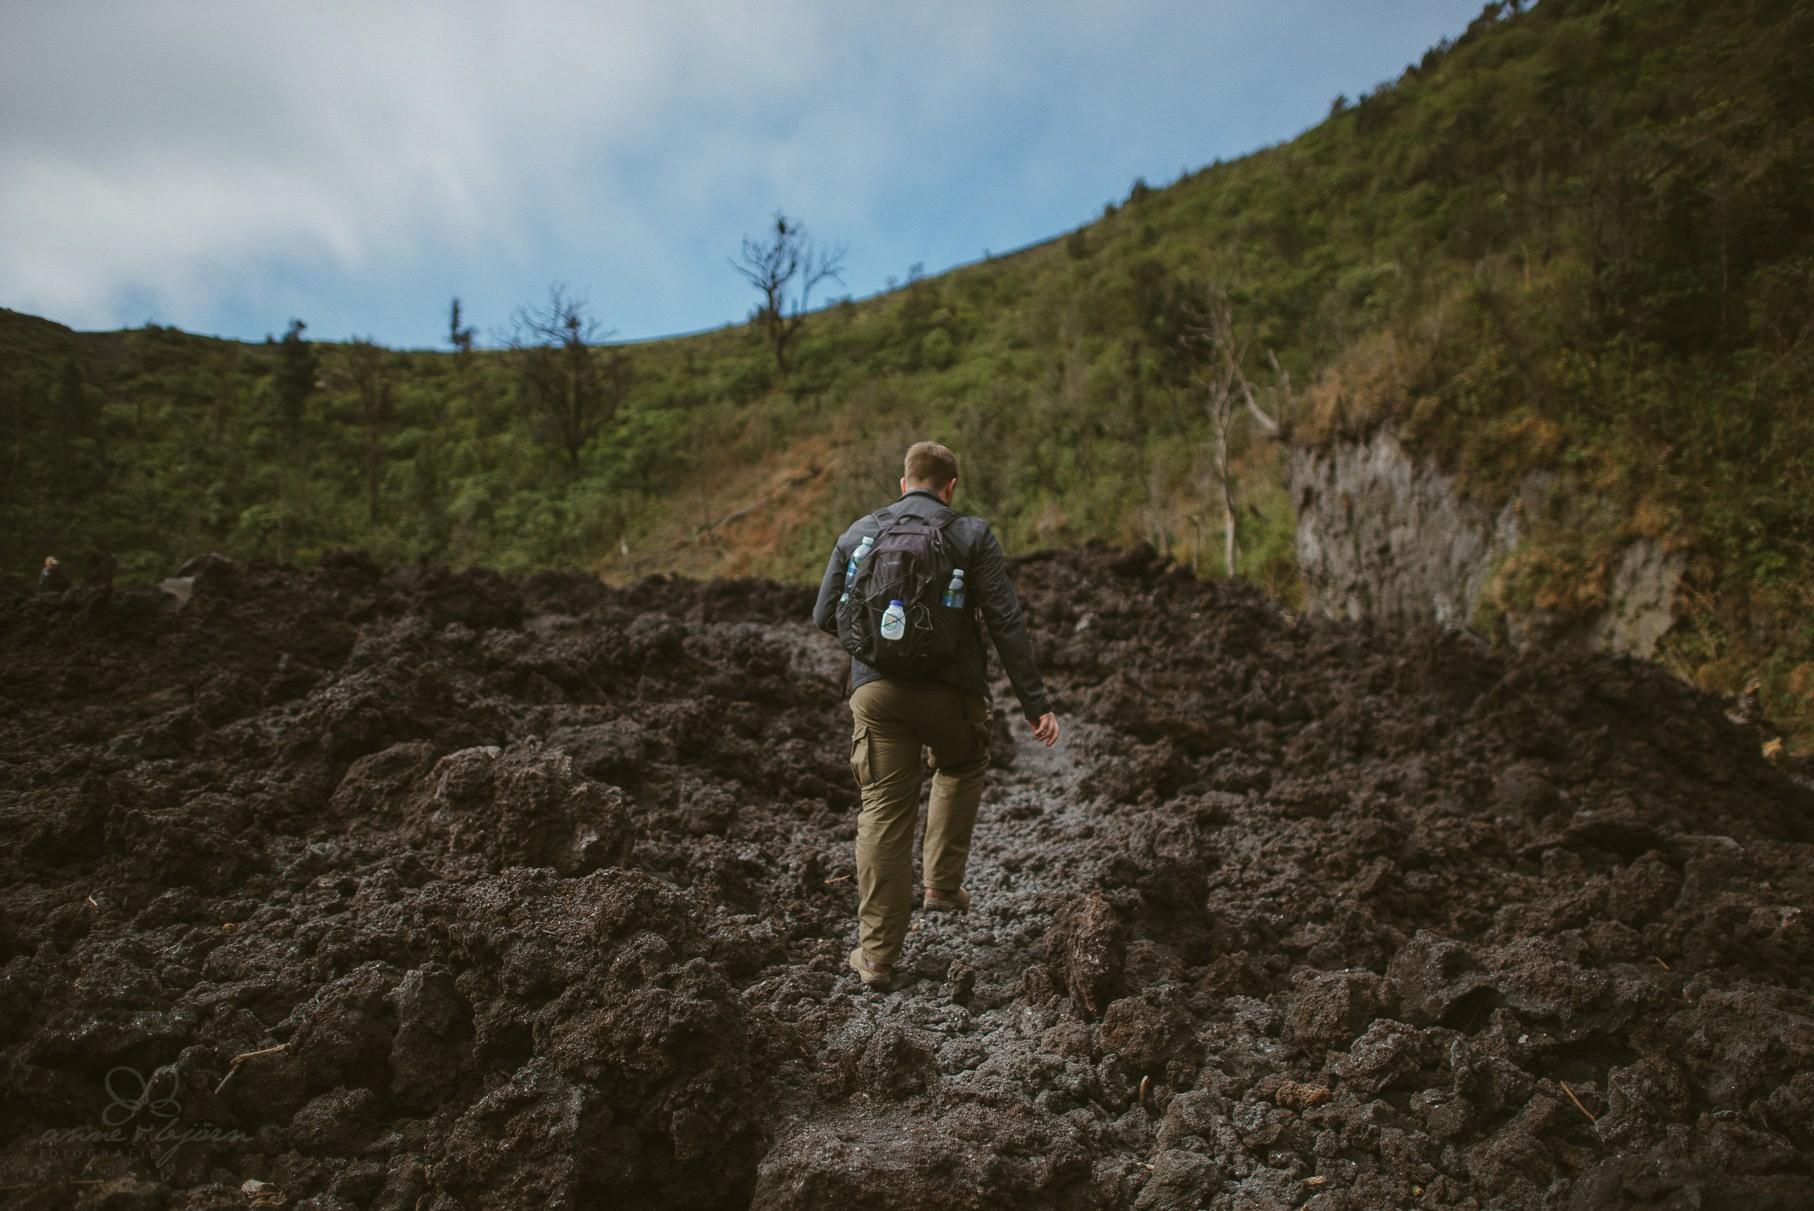 0066 anne und bjoern guatemala d75 9525 - 4 Wochen durch Guatemala - backpacking durch Mittelamerika